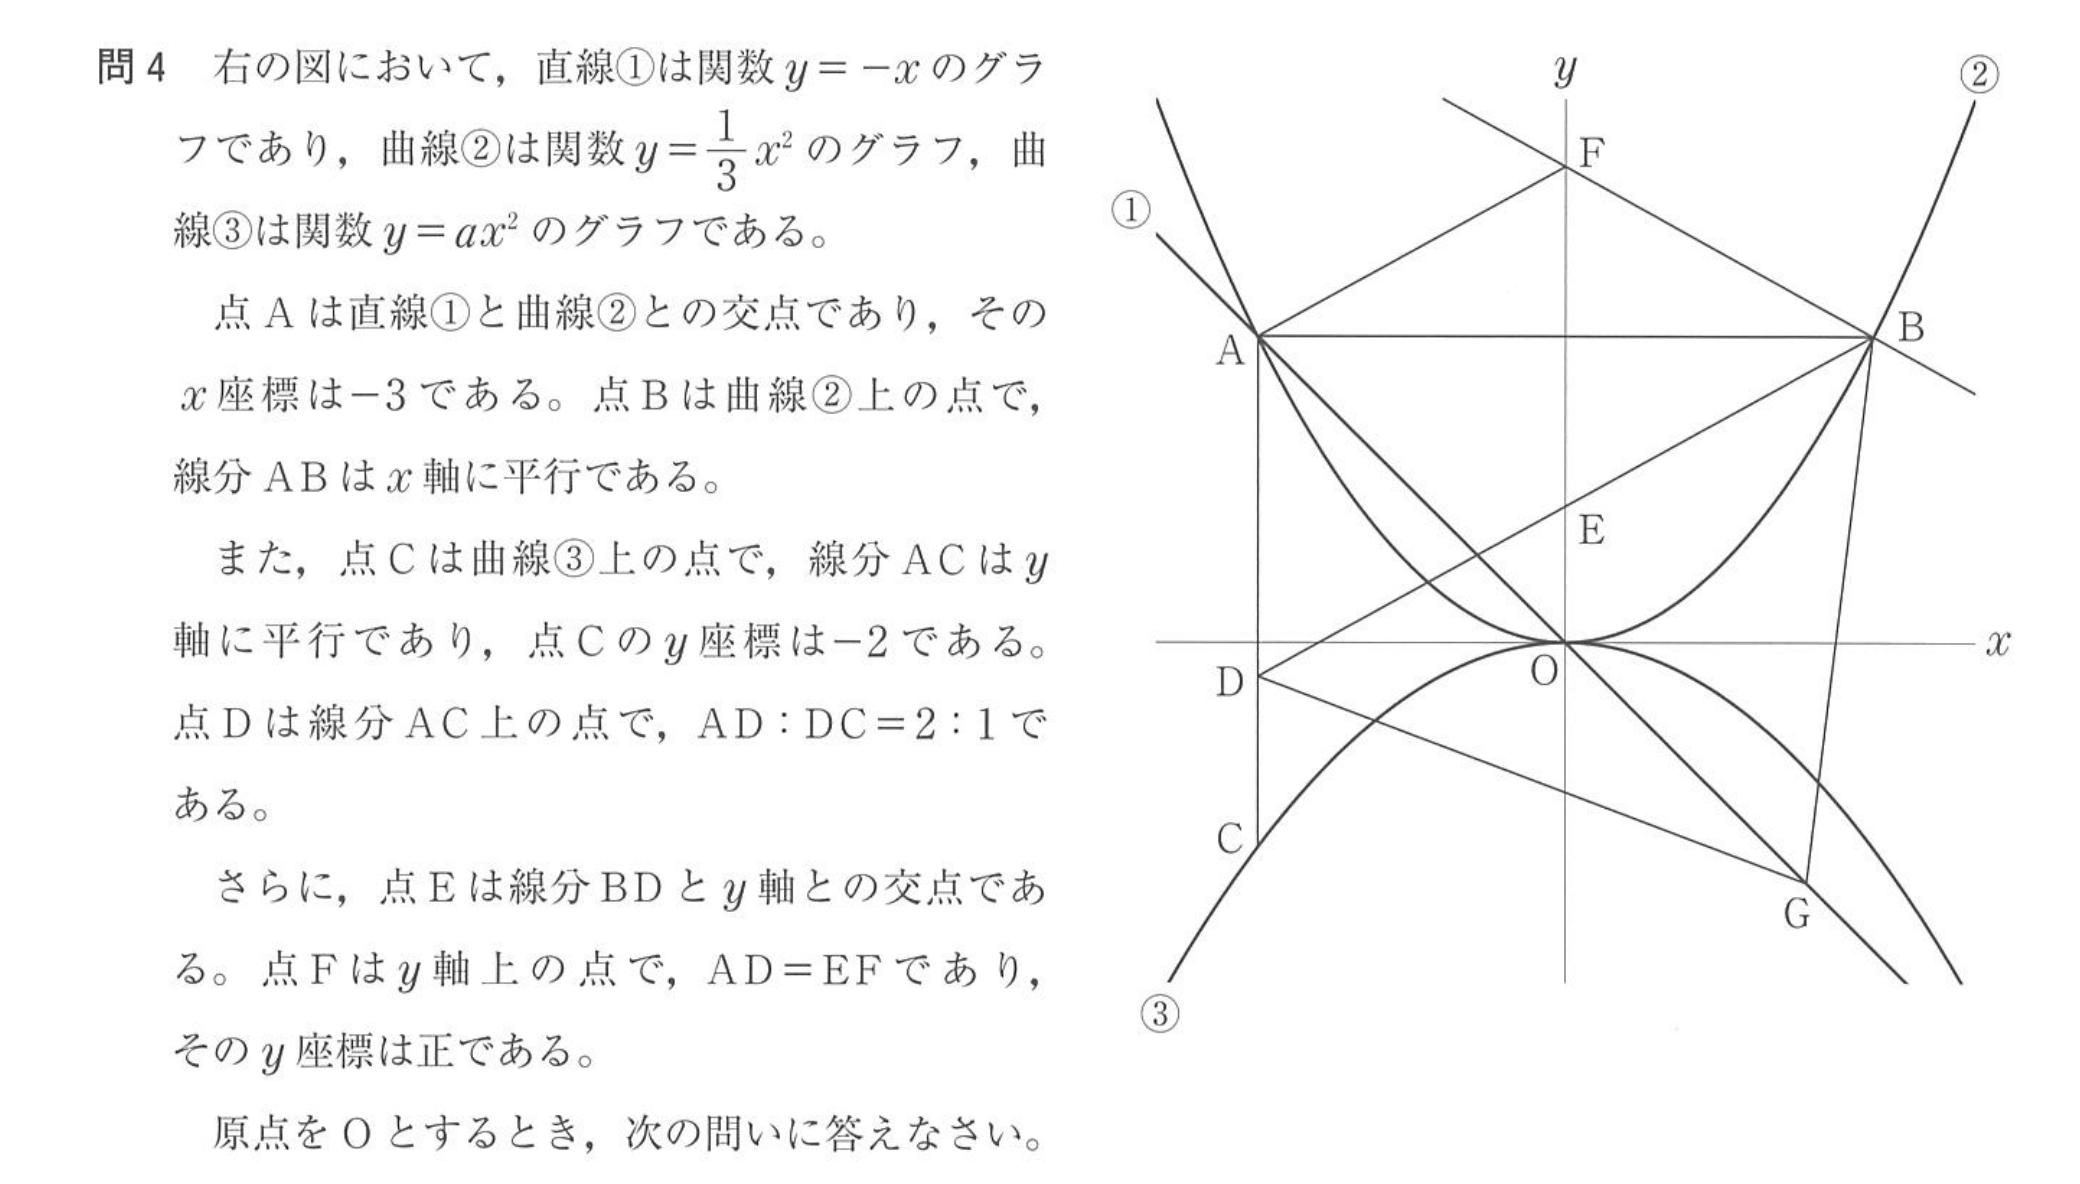 2019神奈川県公立高校入試、数学問4の問題